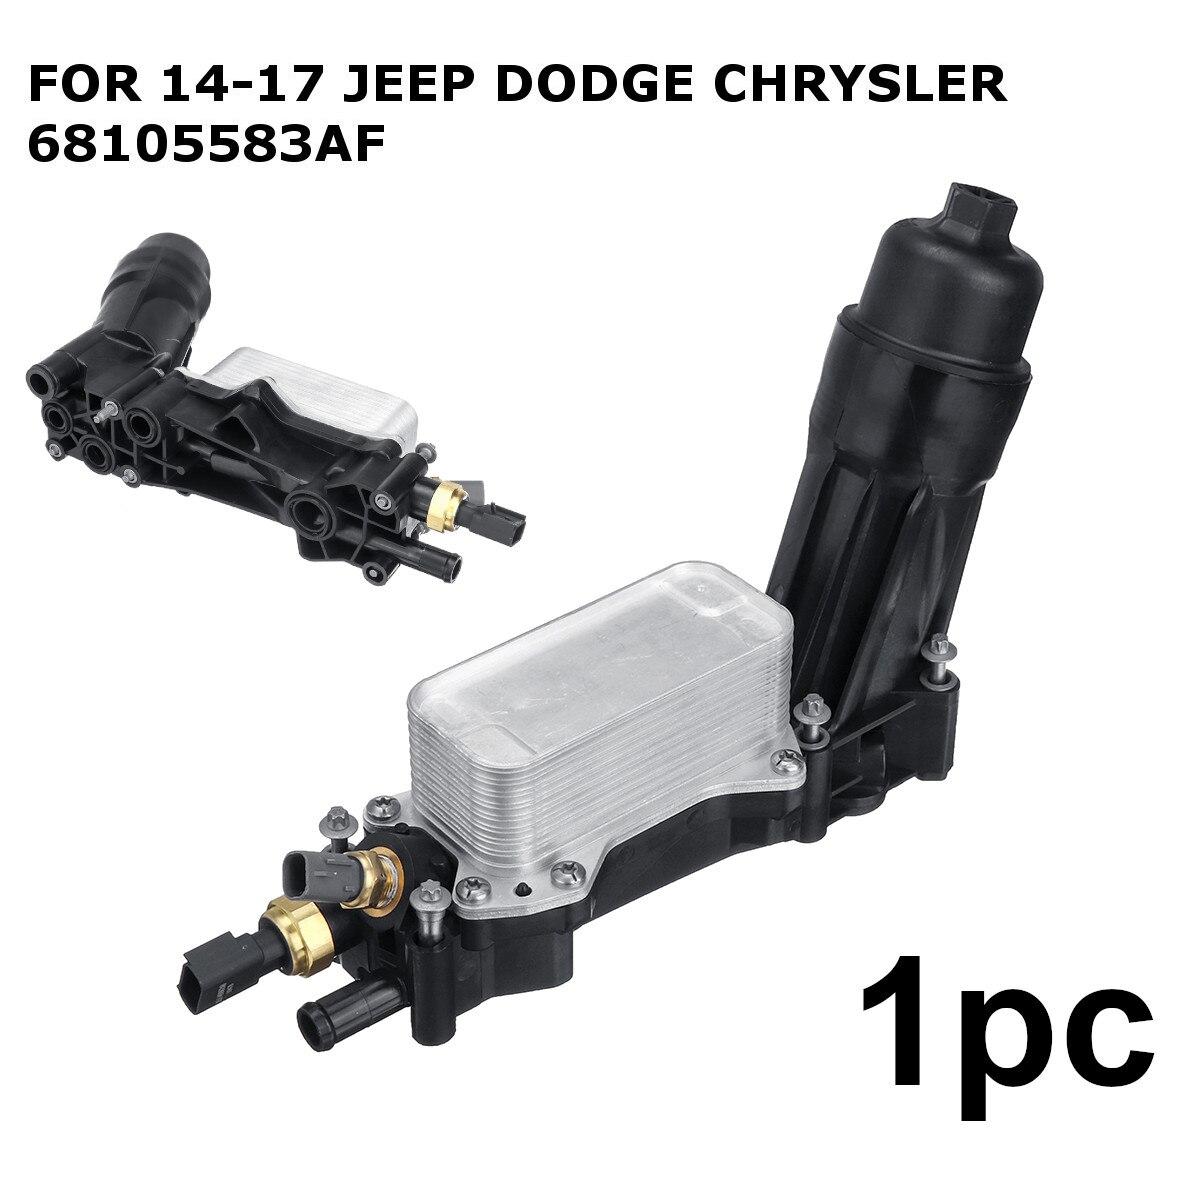 車のエンジンオイルフィルターアダプターのためのジープのためのダッジクライスラー 3.6 V6 2014 2015 2016 2017 68105583AF 68105583AB  グループ上の 自動車 &バイク からの オイルクーラー の中 1